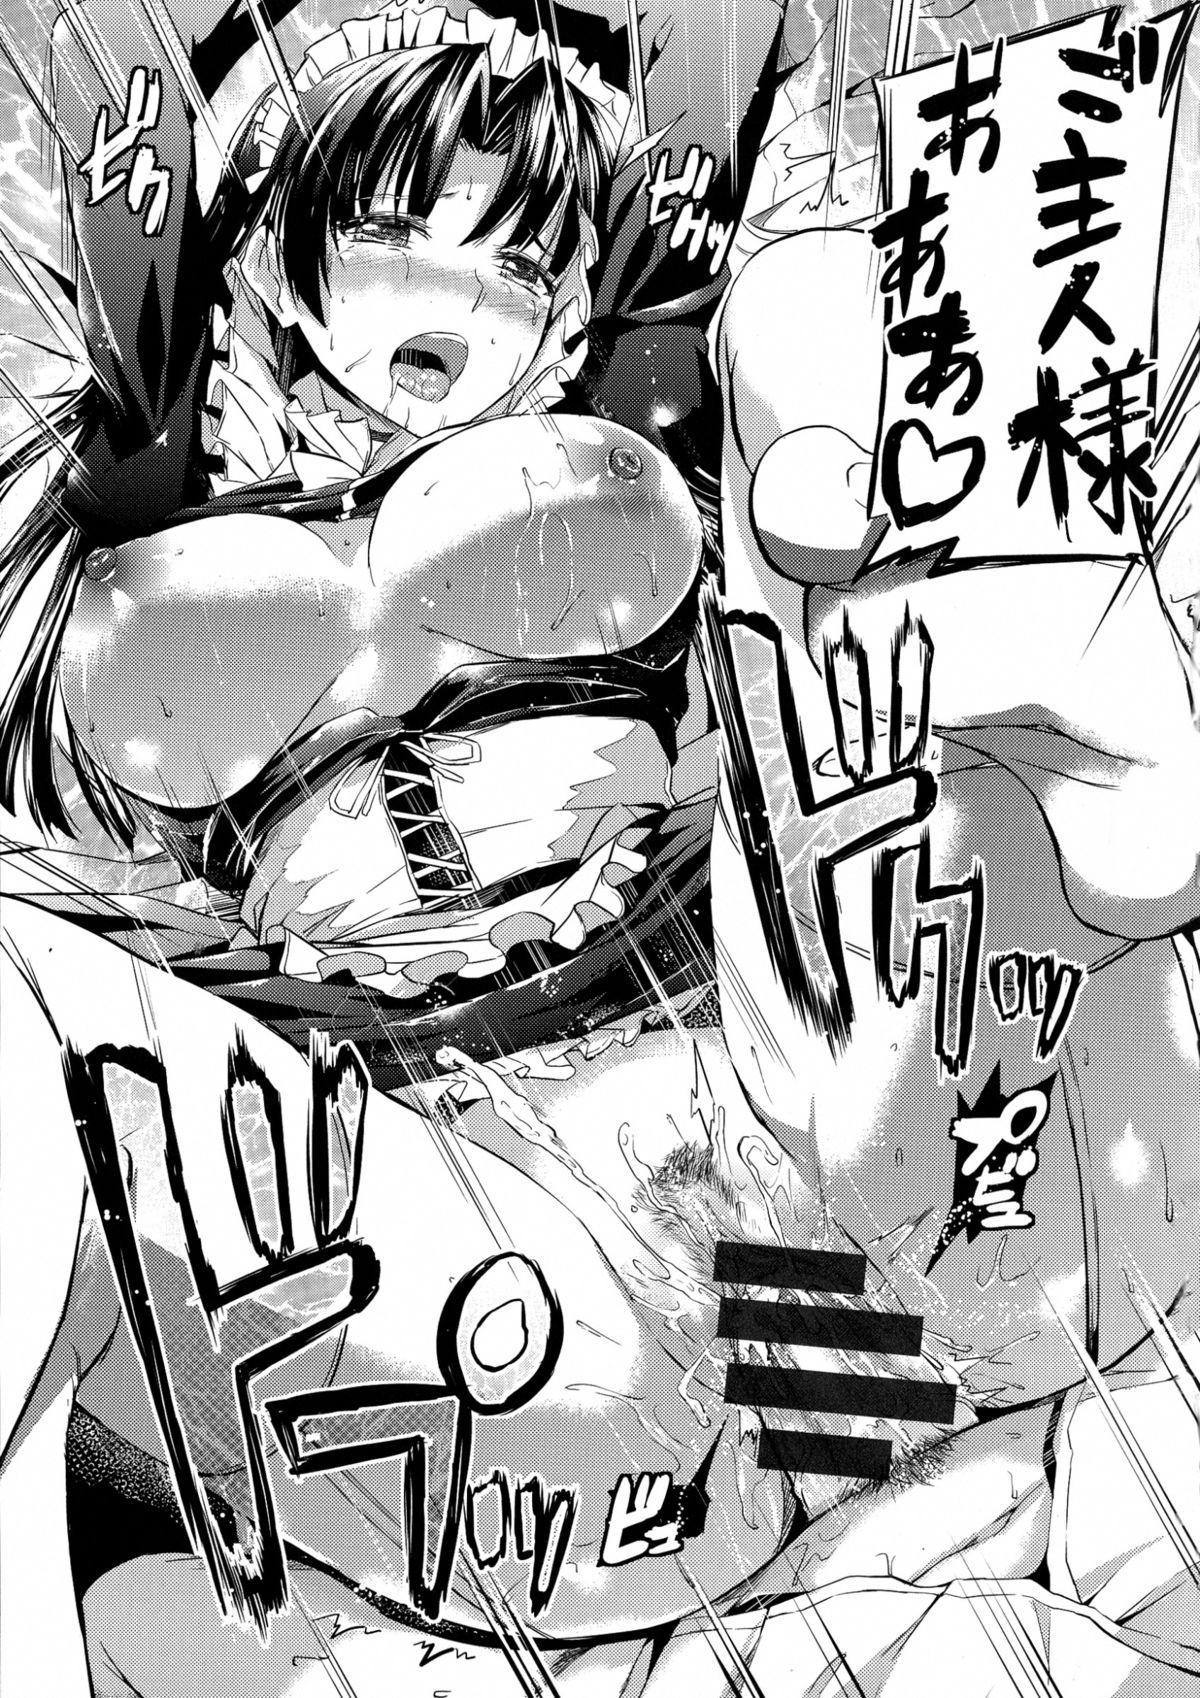 Ojou-sama no Maid Jijou 121